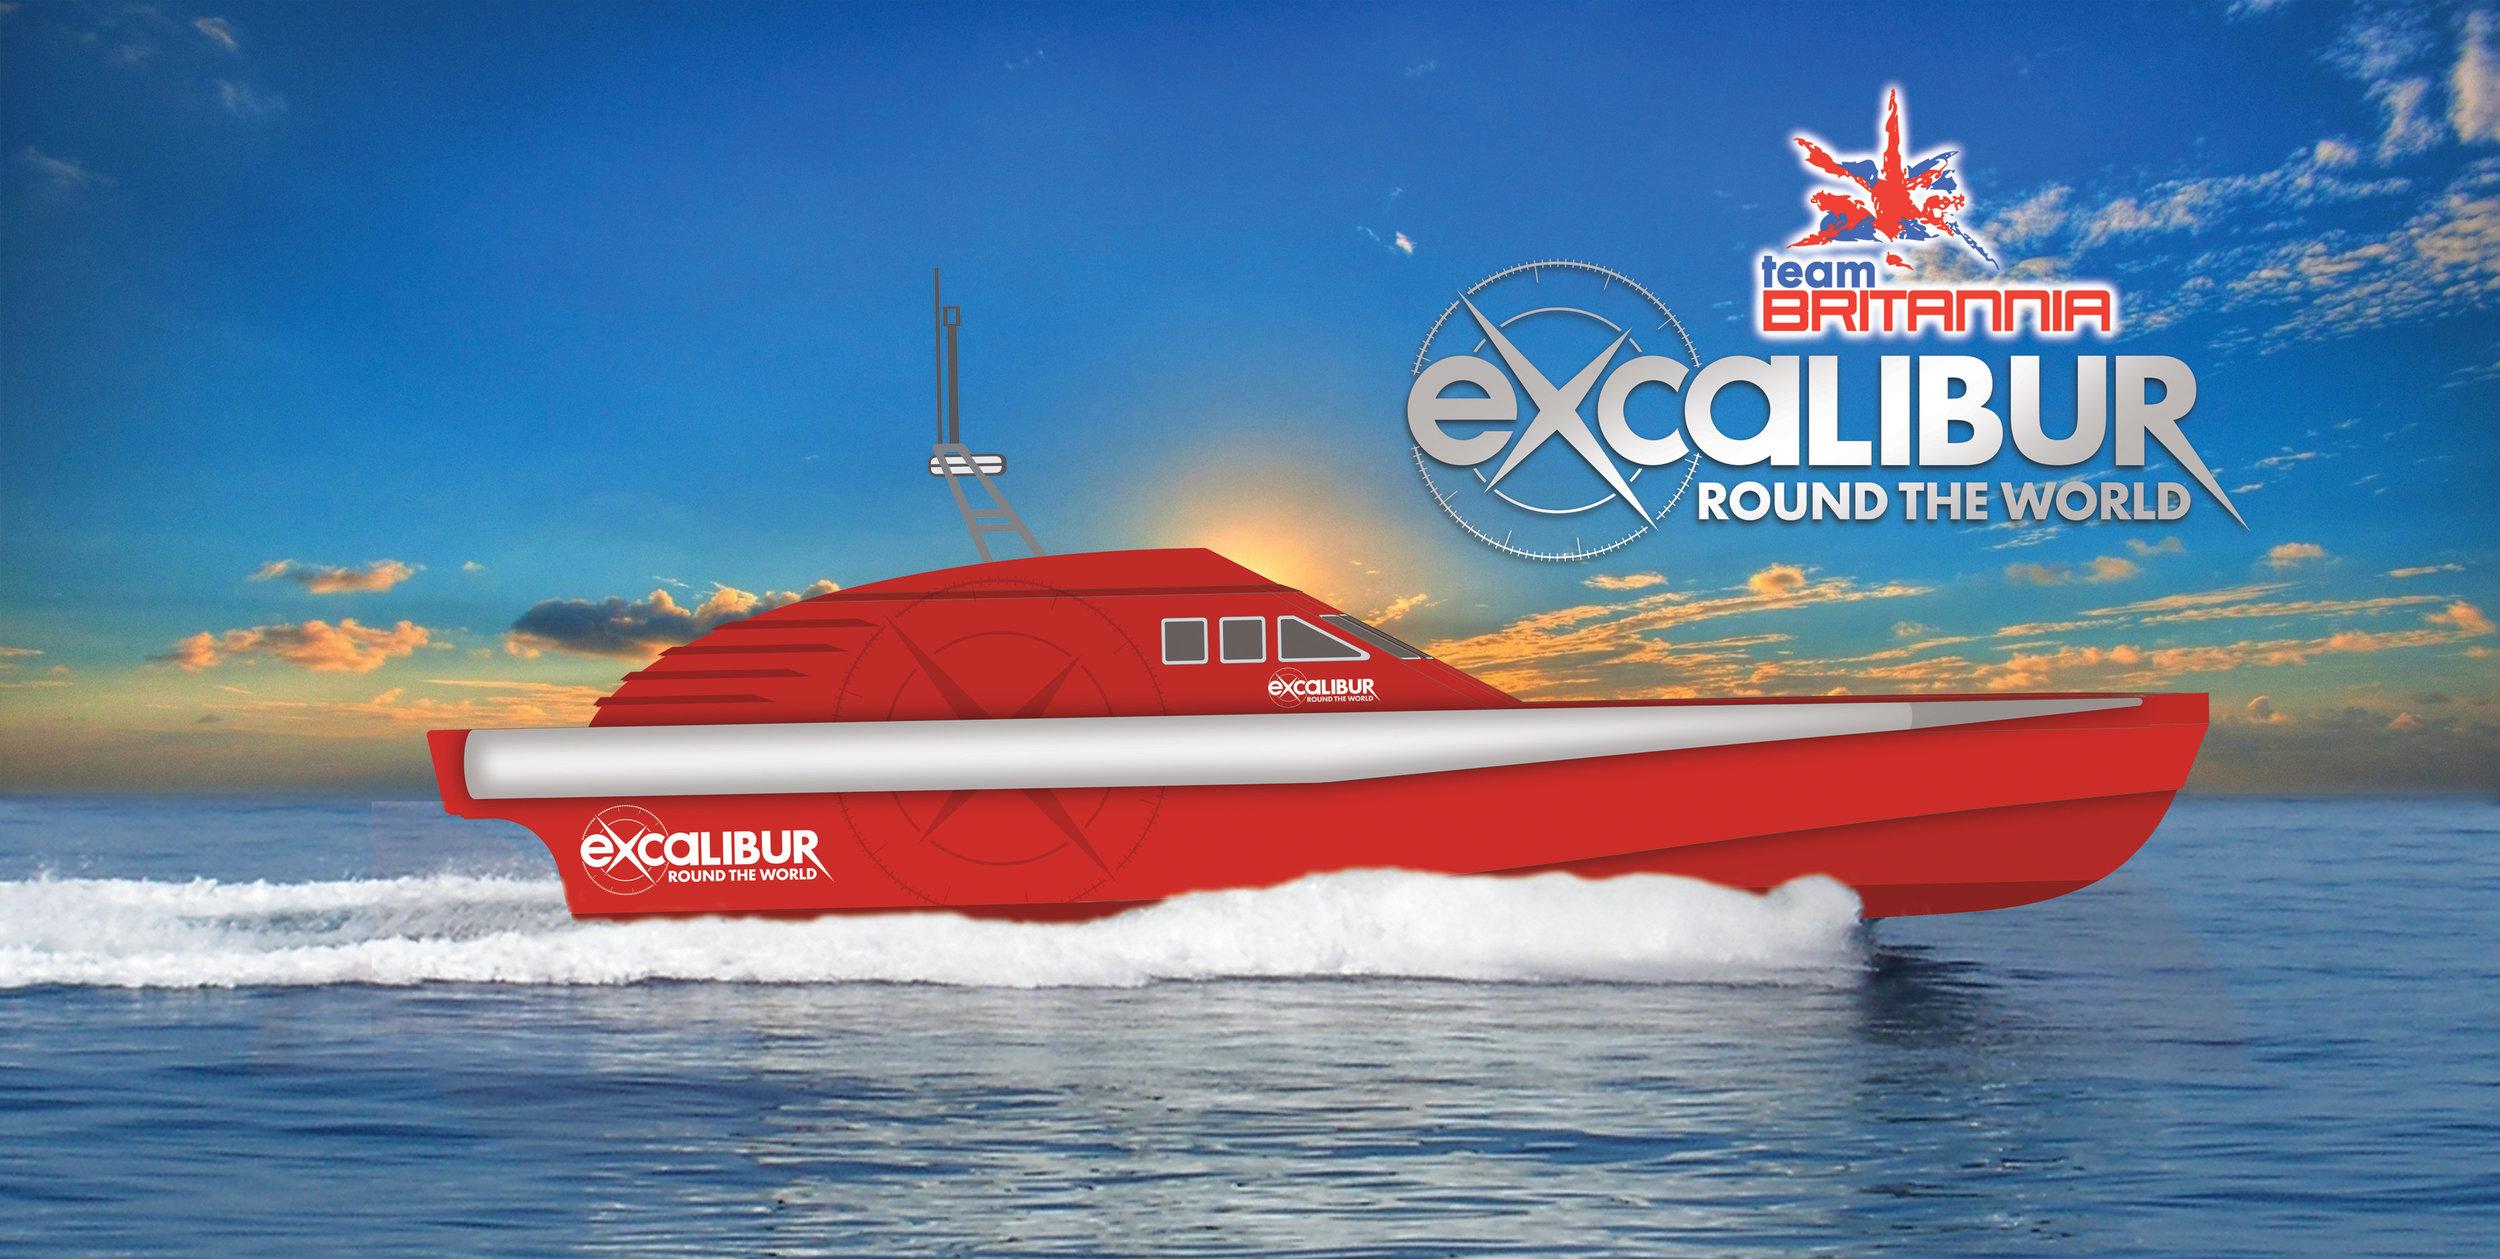 ExcaliburBoatVisual3.jpg